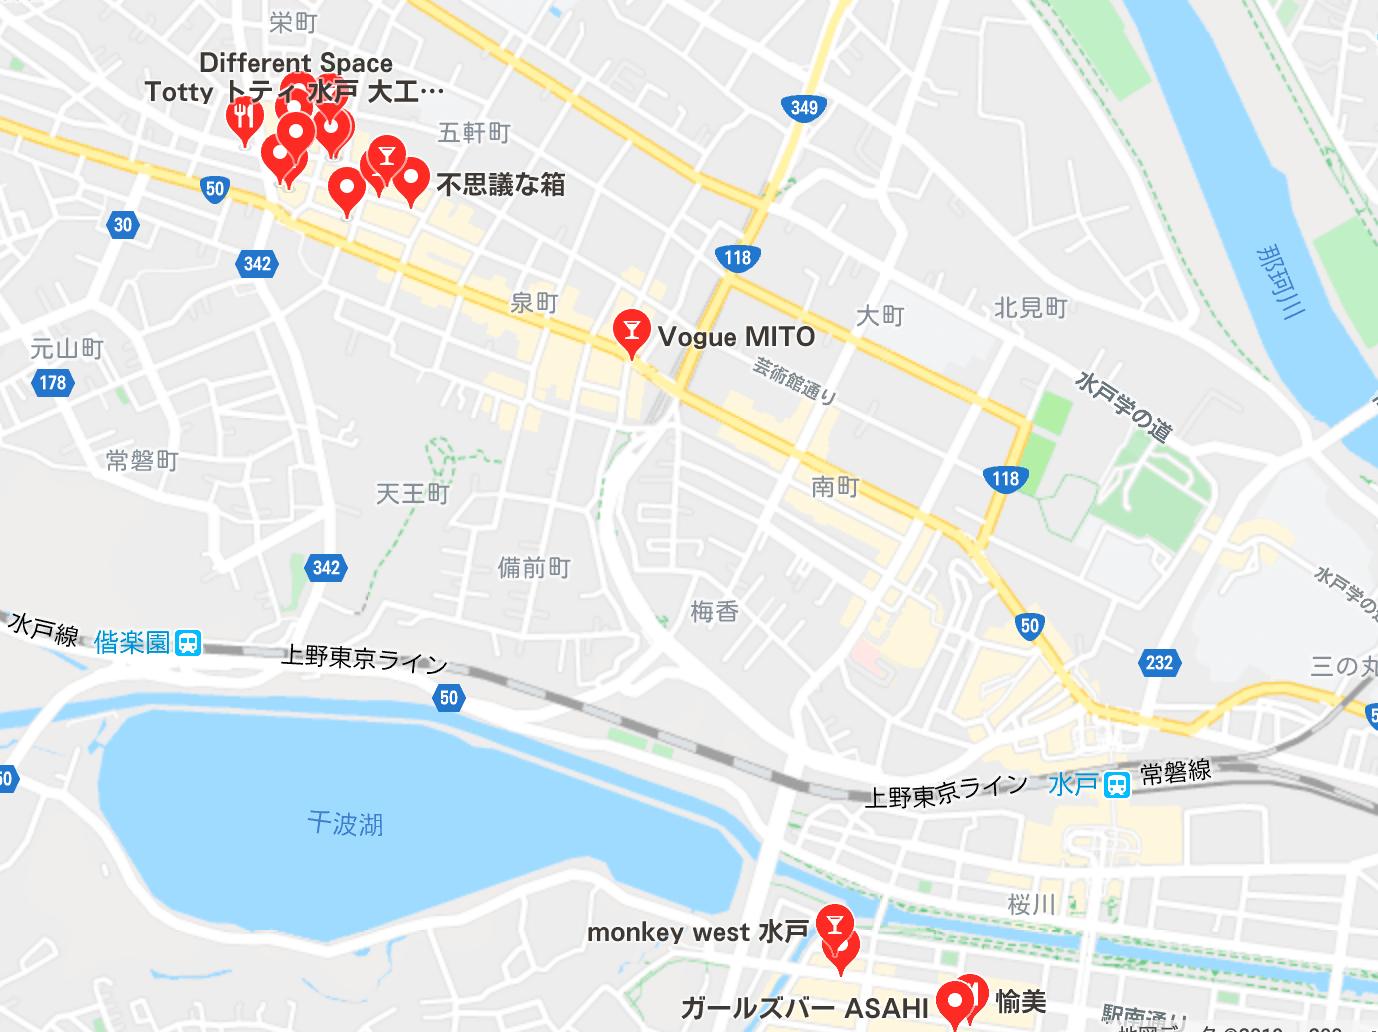 水戸市 キャバクラ